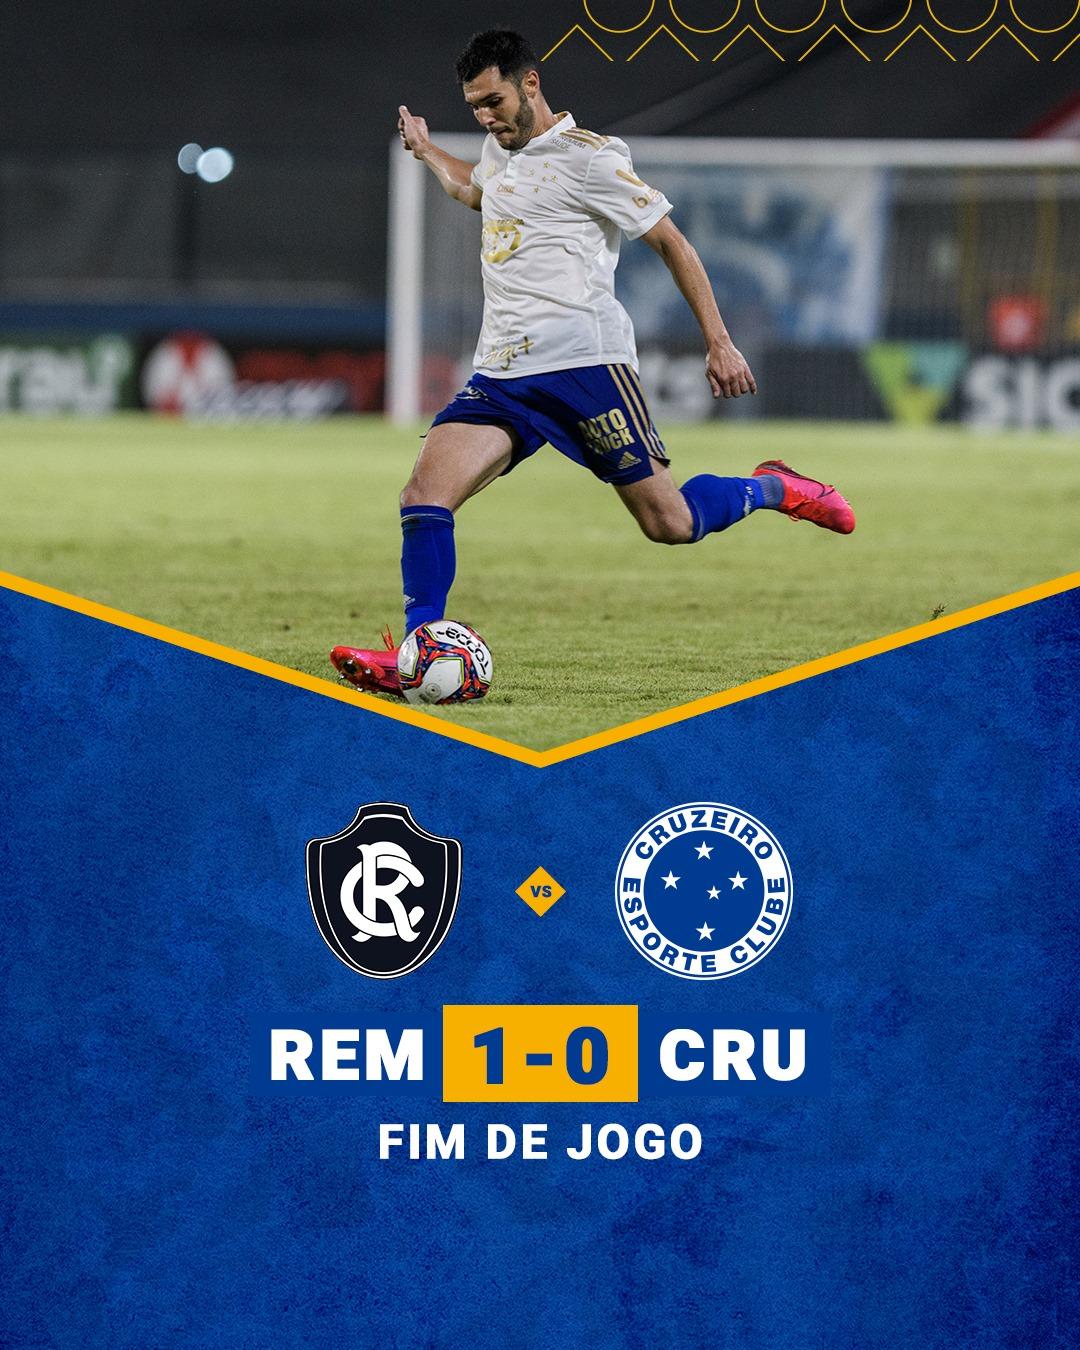 Em Belém, Cruzeiro perde para Remo